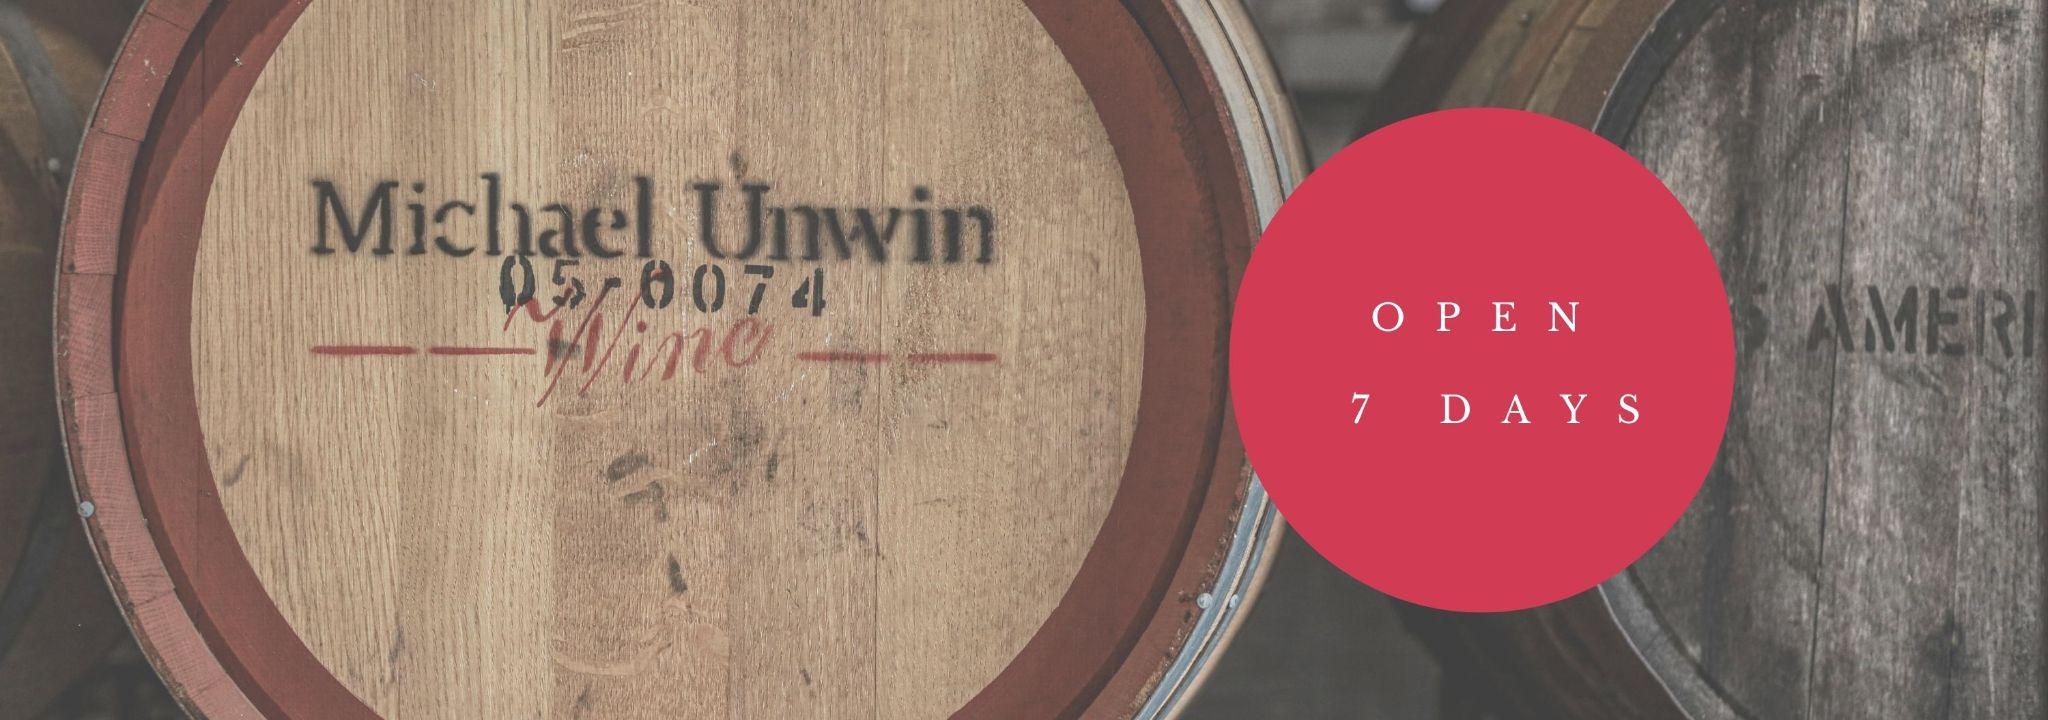 Ballarat winery